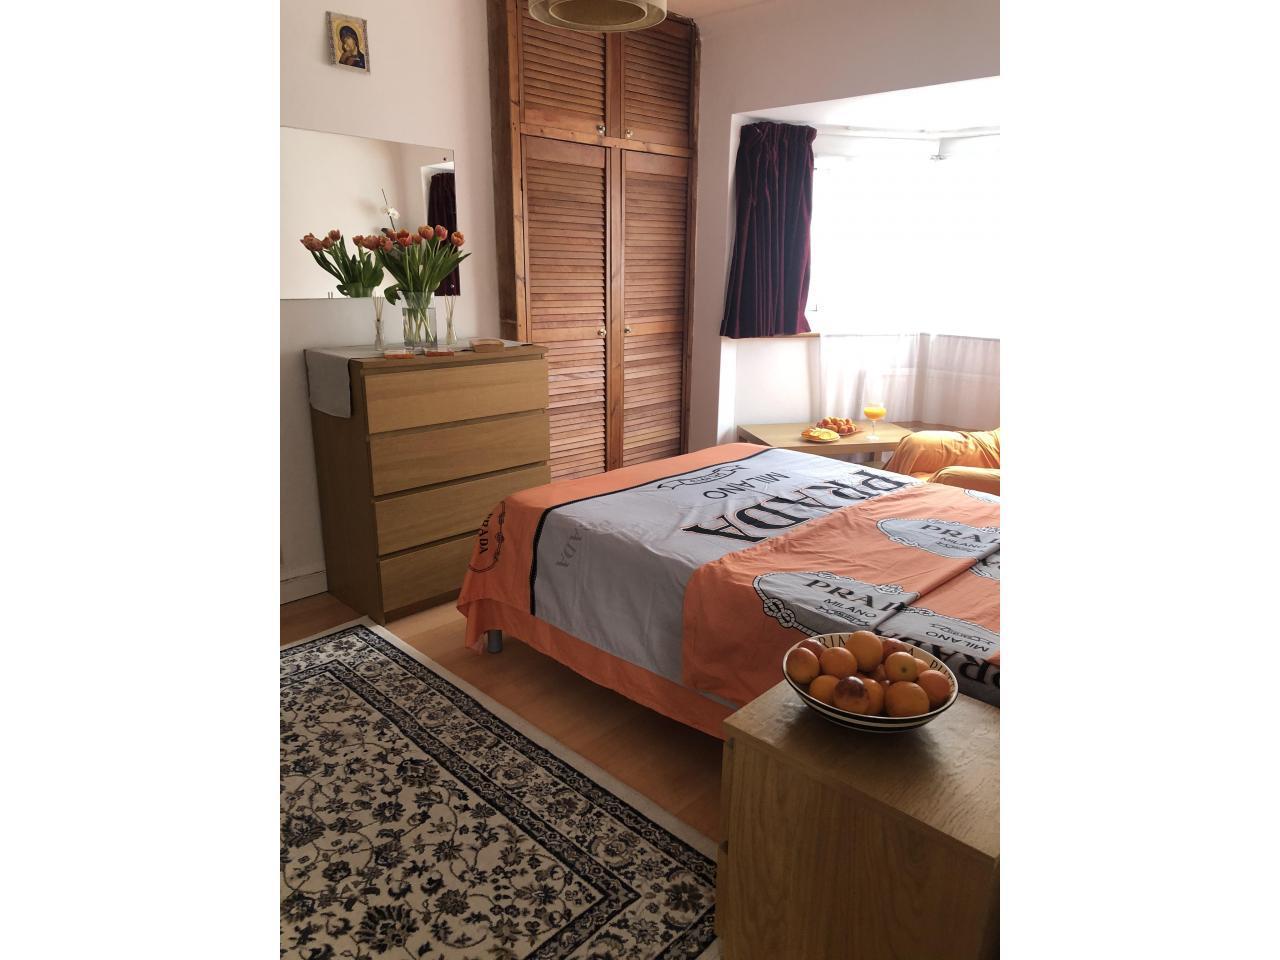 Сдаем double room, для одного, недалеко от станции Tooting. - 1